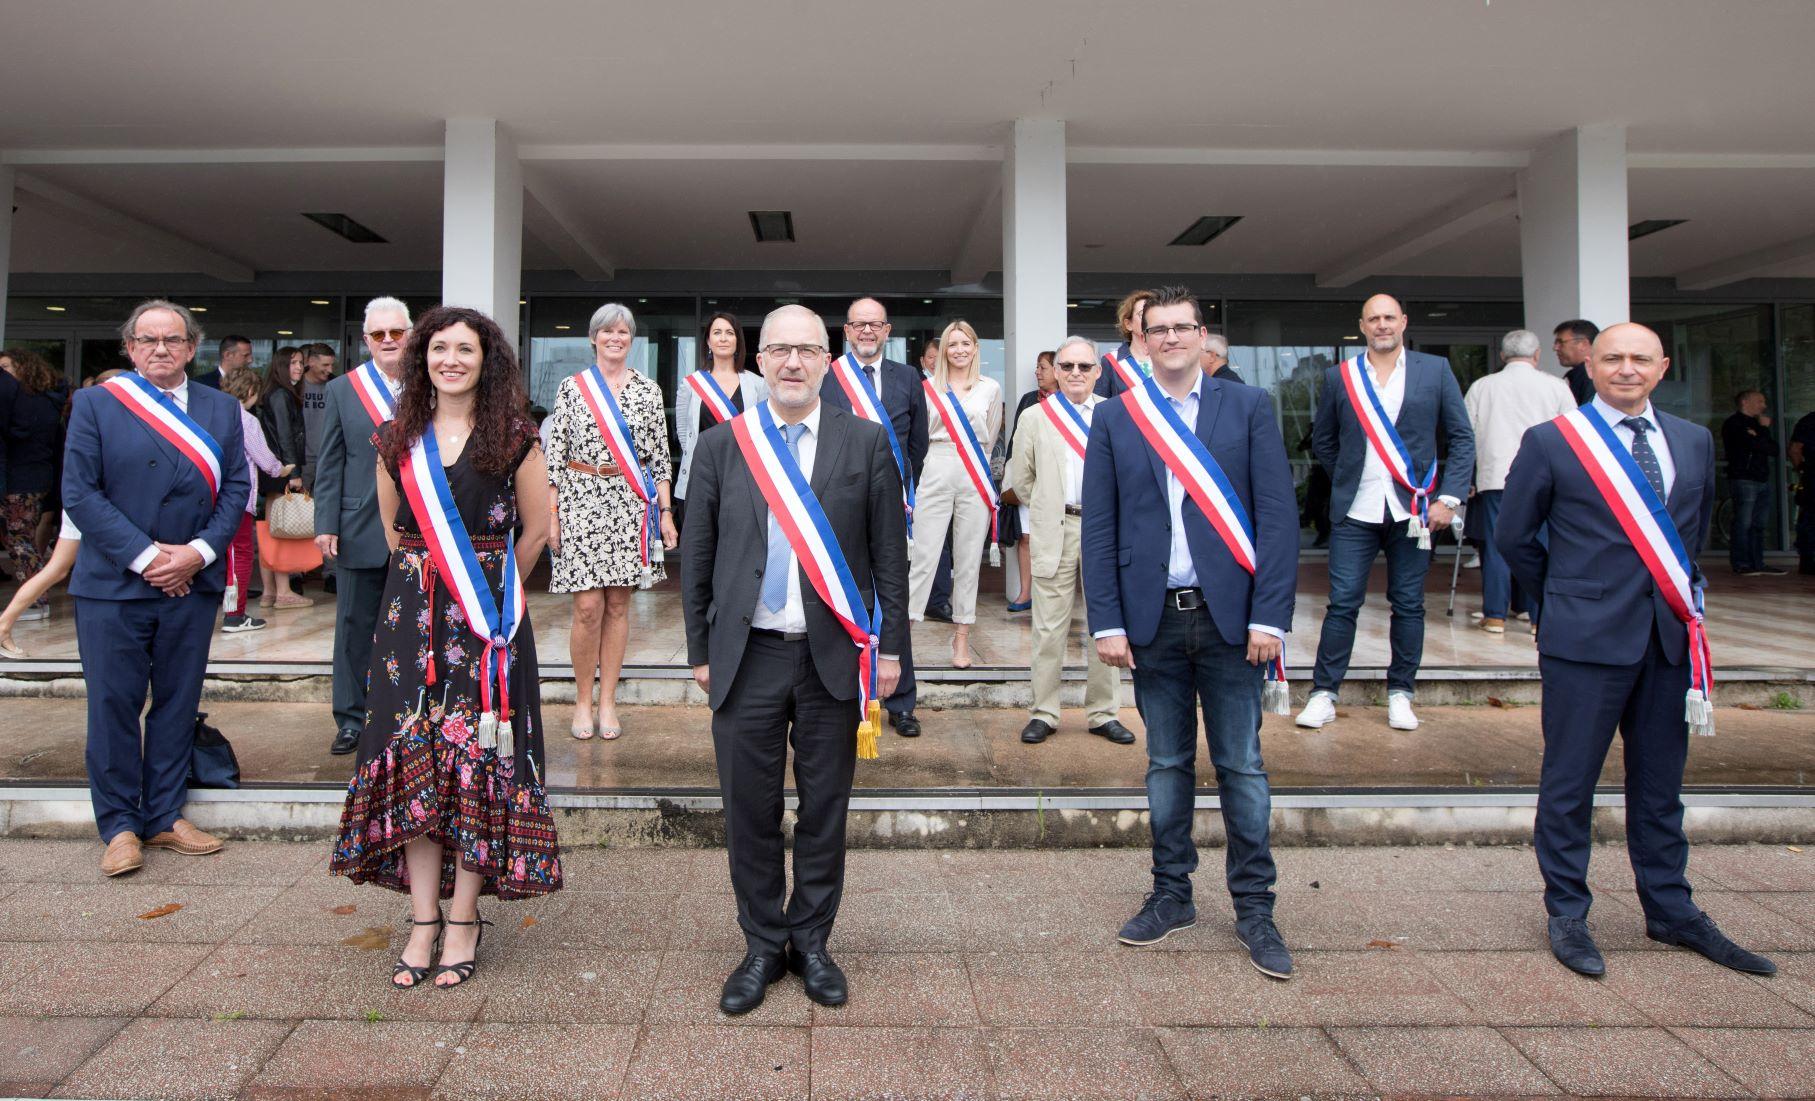 Le maire et ses treize adjointes et adjoints  - photo : Stéphane Cuisset